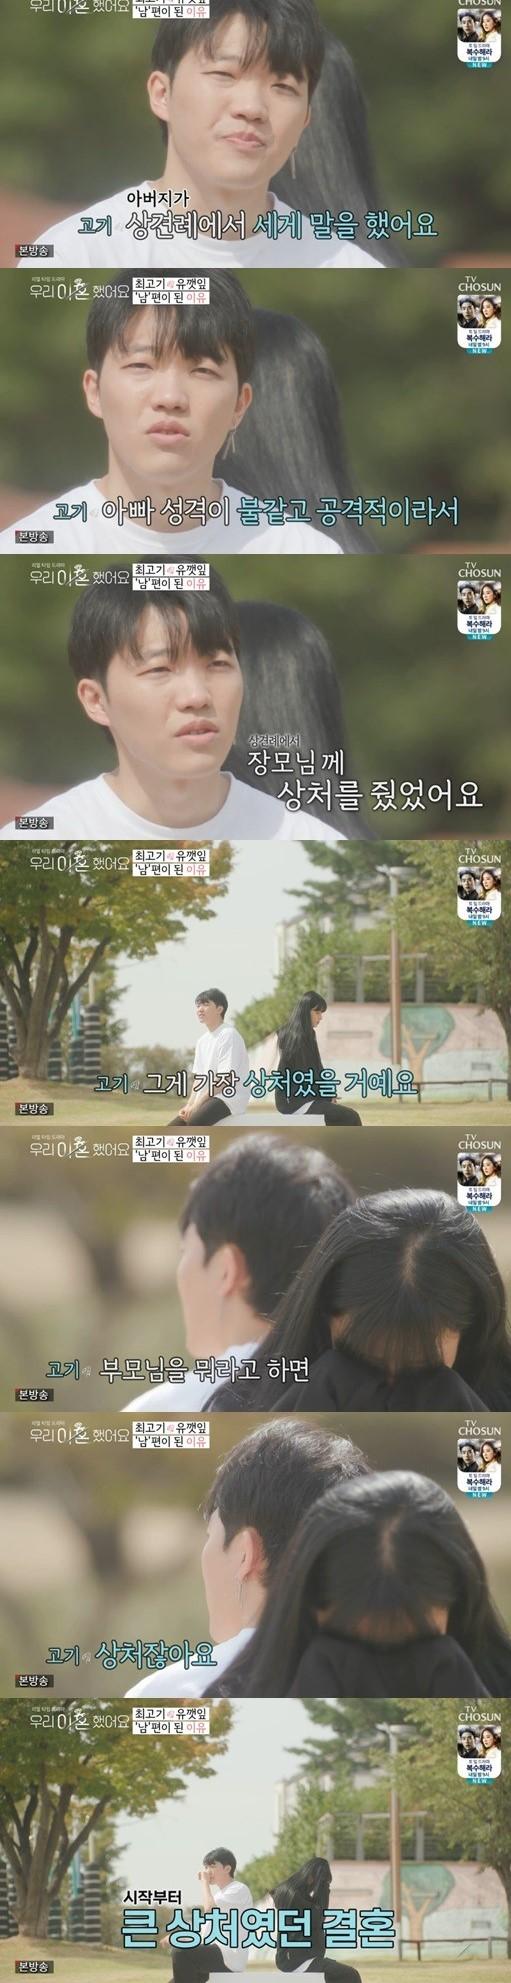 """'우리 이혼했어요' 최고기가 밝힌 이혼 속사정…""""유깻잎과 장모님에게 상처줬다"""""""